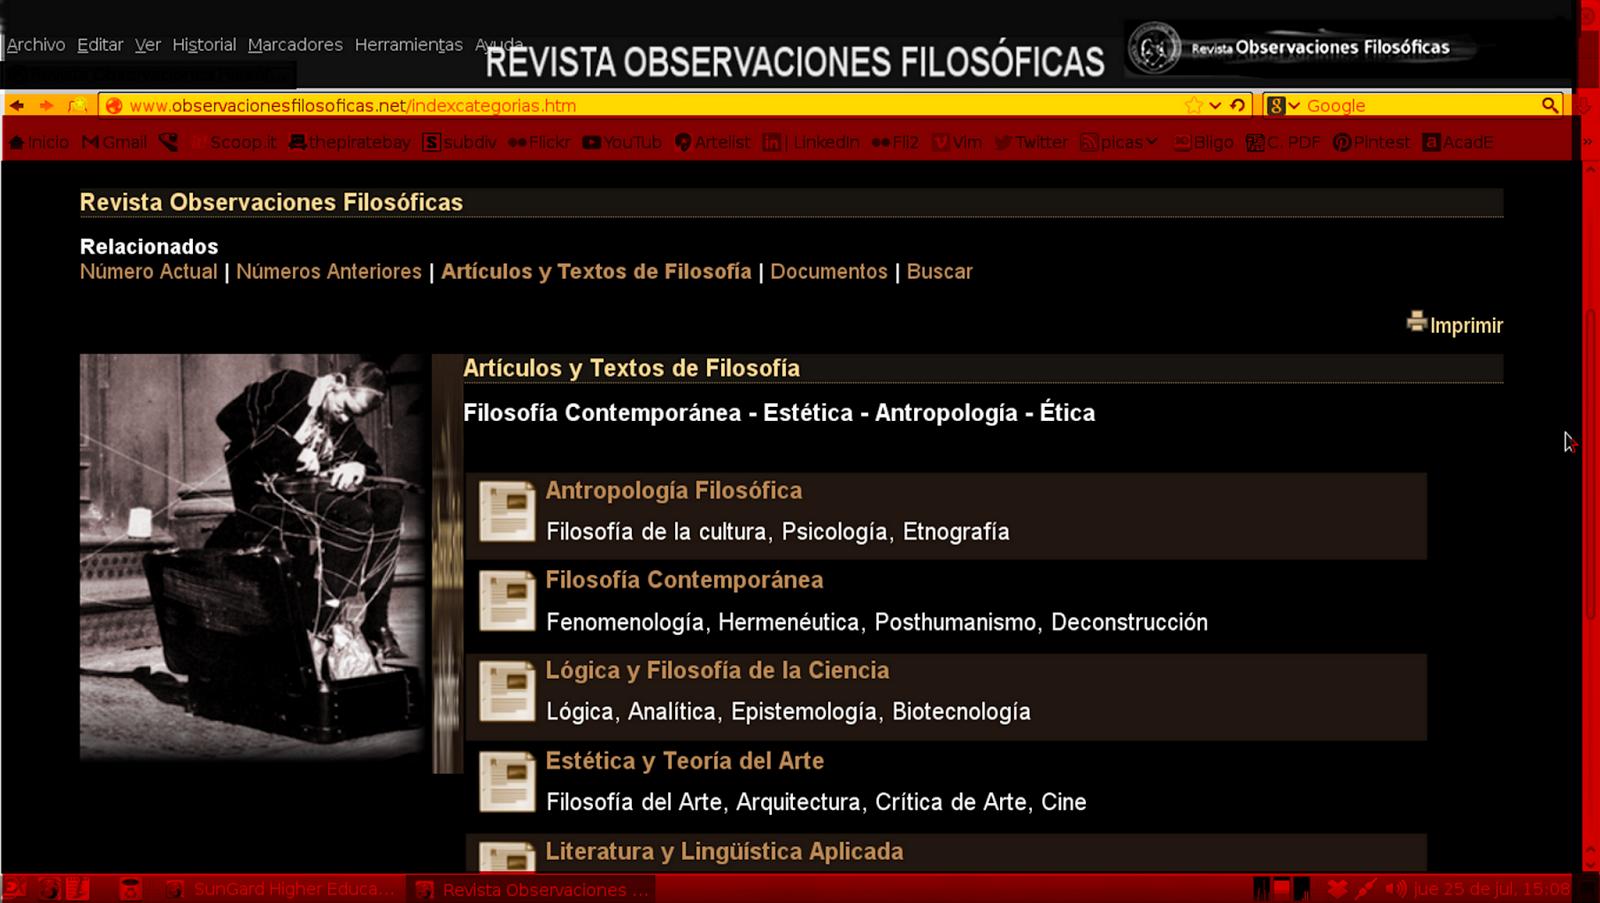 http://3.bp.blogspot.com/-m47a1ZJd45o/UlG9hwkHdOI/AAAAAAAAK0w/M-POUV7Q2as/s1600/Revista+de+Filosofia+_+Filosof%C3%ADa+Contemporanea+_+Revista+Observaciones+Filos%C3%B3ficas+_+Adolfo+Vasquez+Rocca+_+ROF+700+ABC+.png